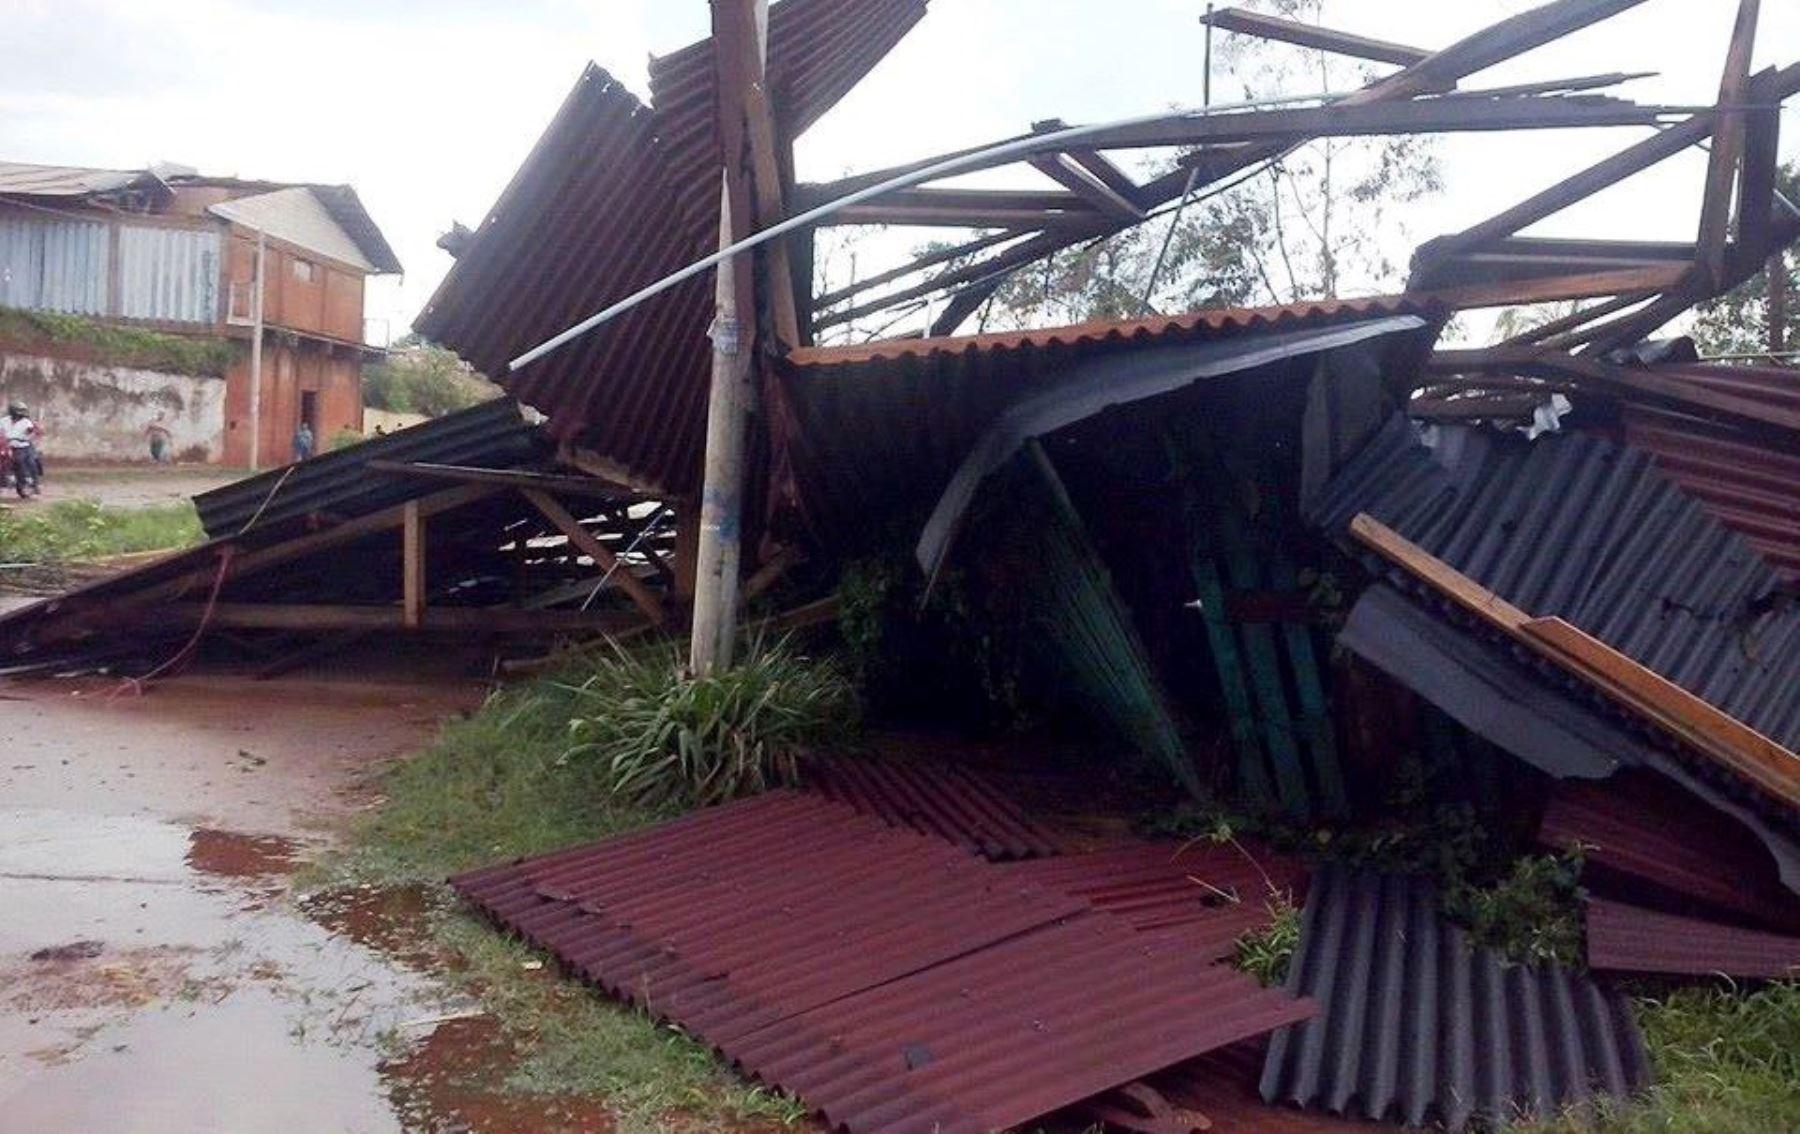 Vientos fuertes causaron daños materiales en distrito de Iberia en Tahuamanu, en Madre de Dios.